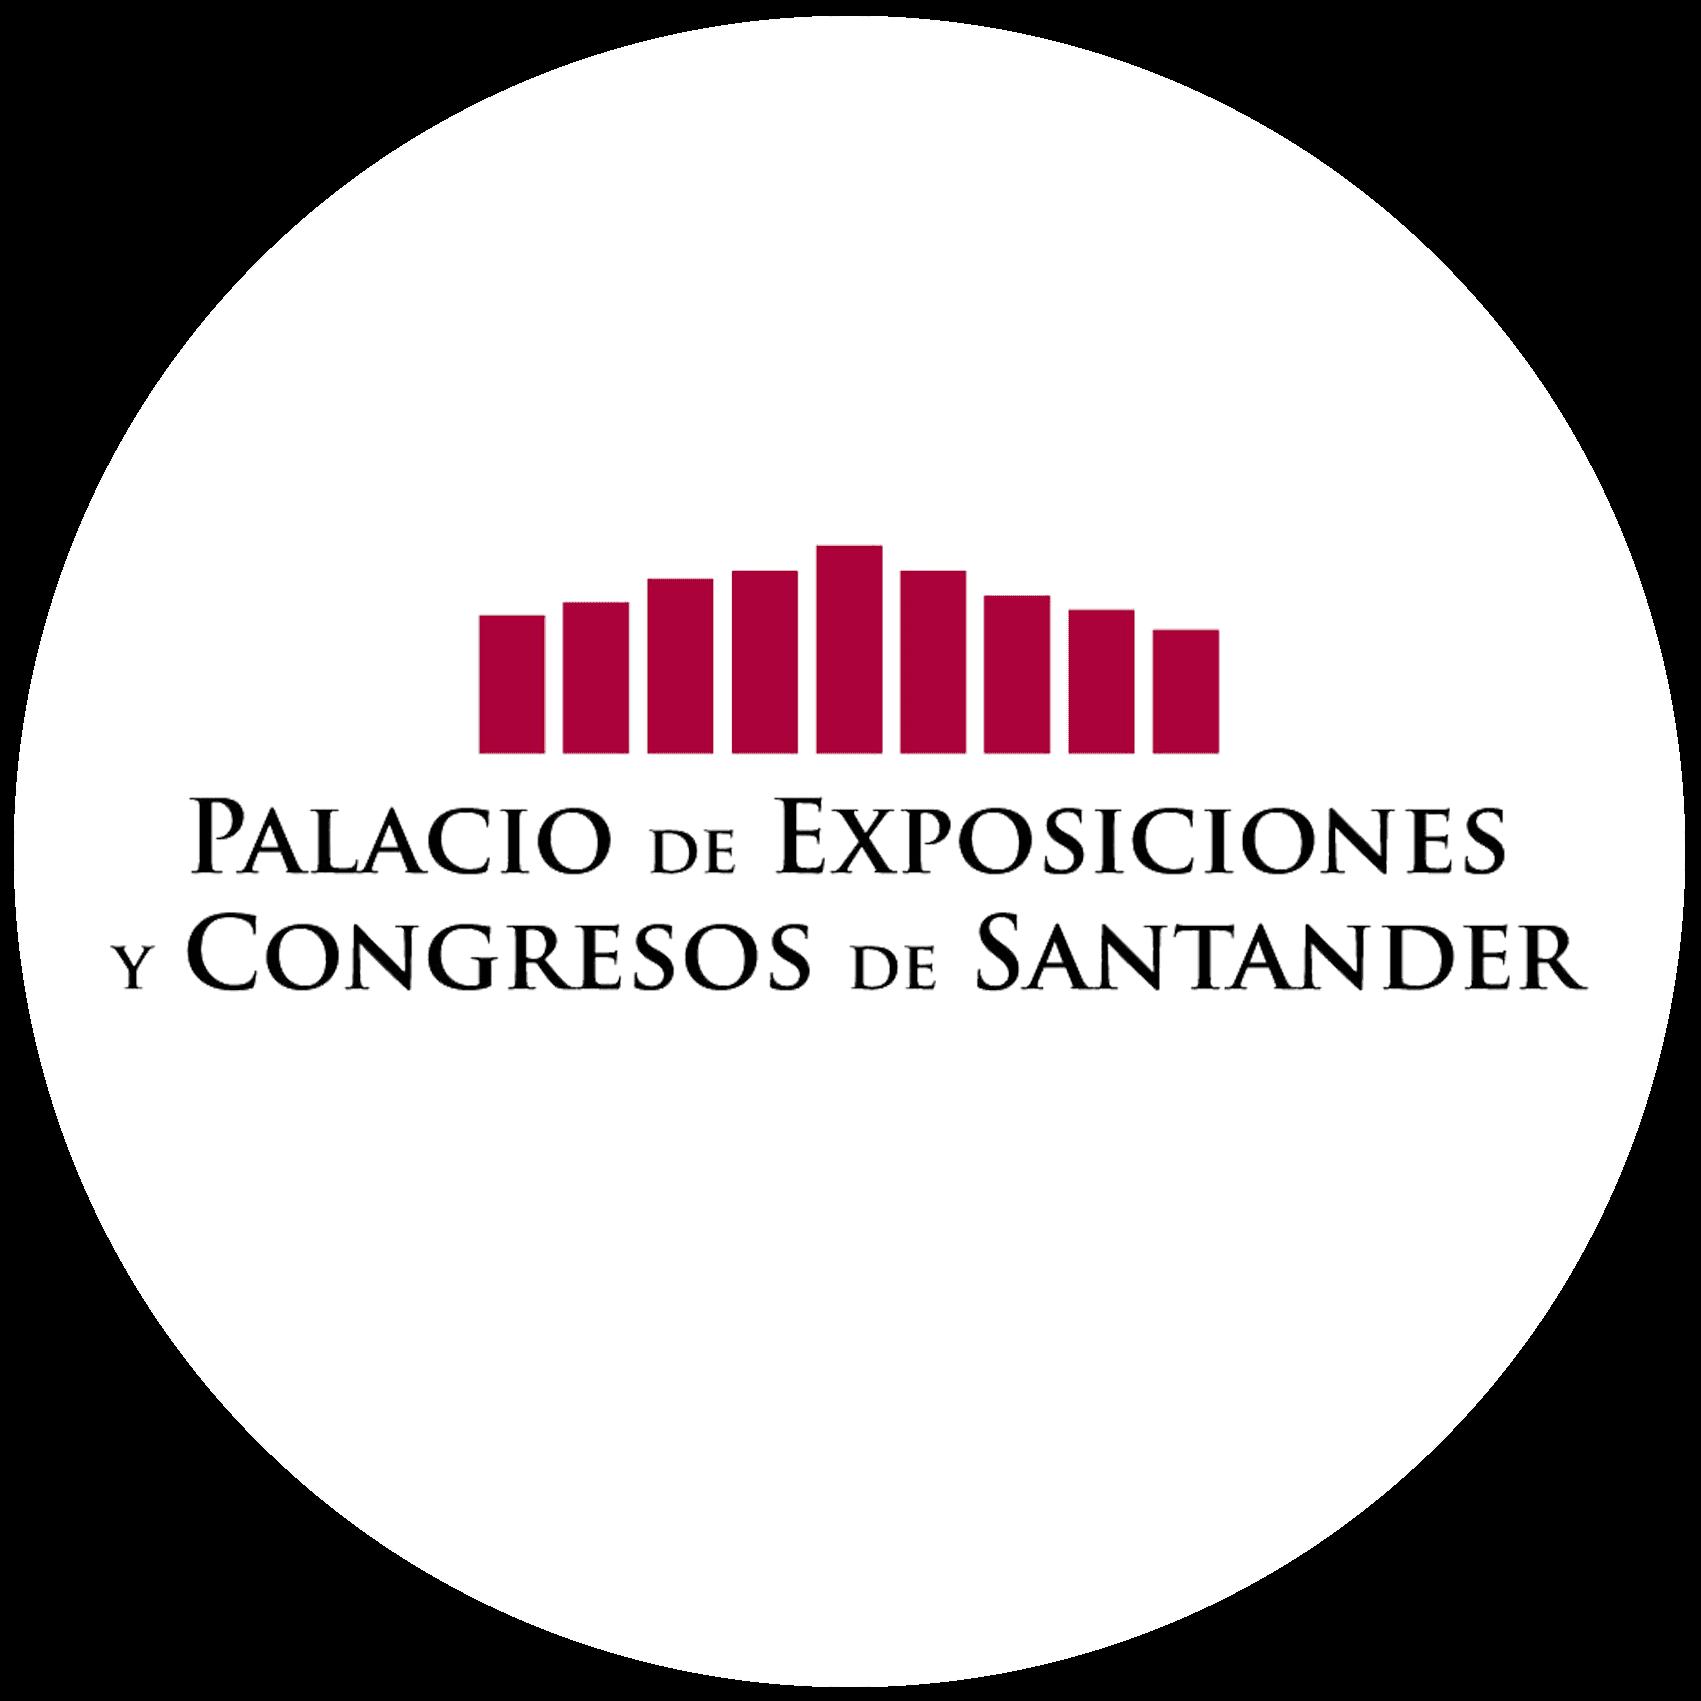 logo-palacio-exposiciones